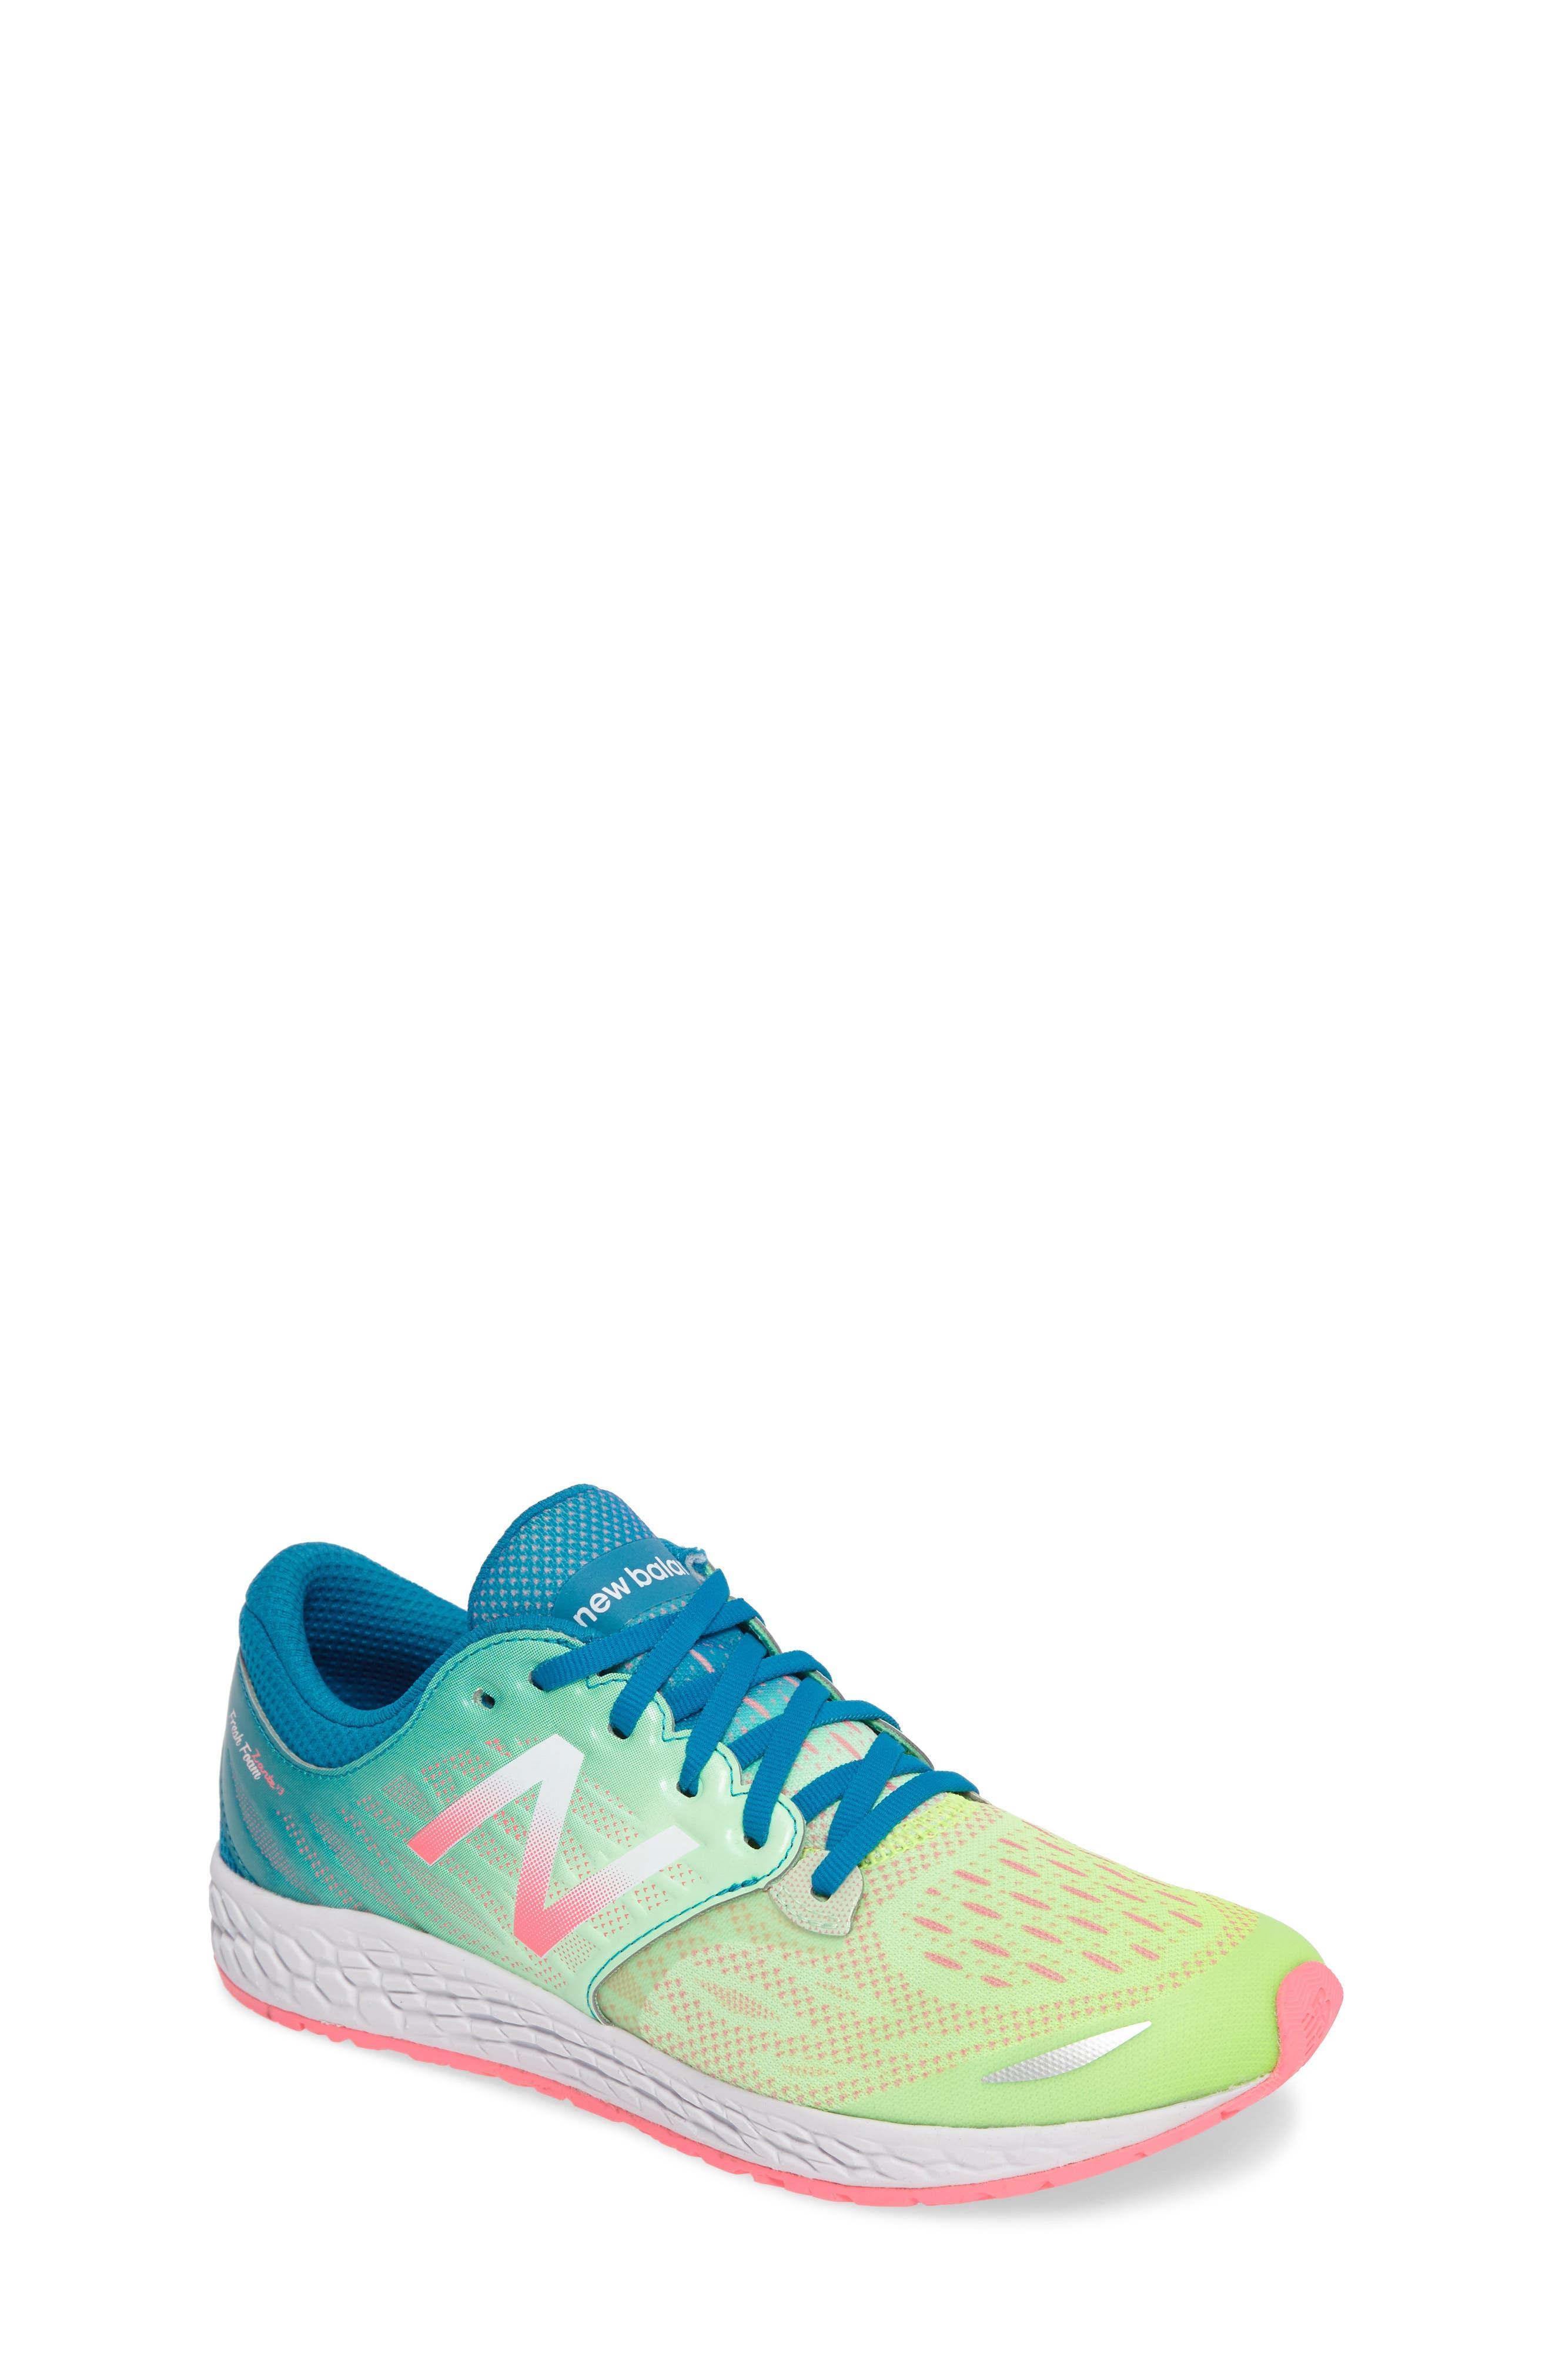 NEW BALANCE 680v3 Athletic Sneaker